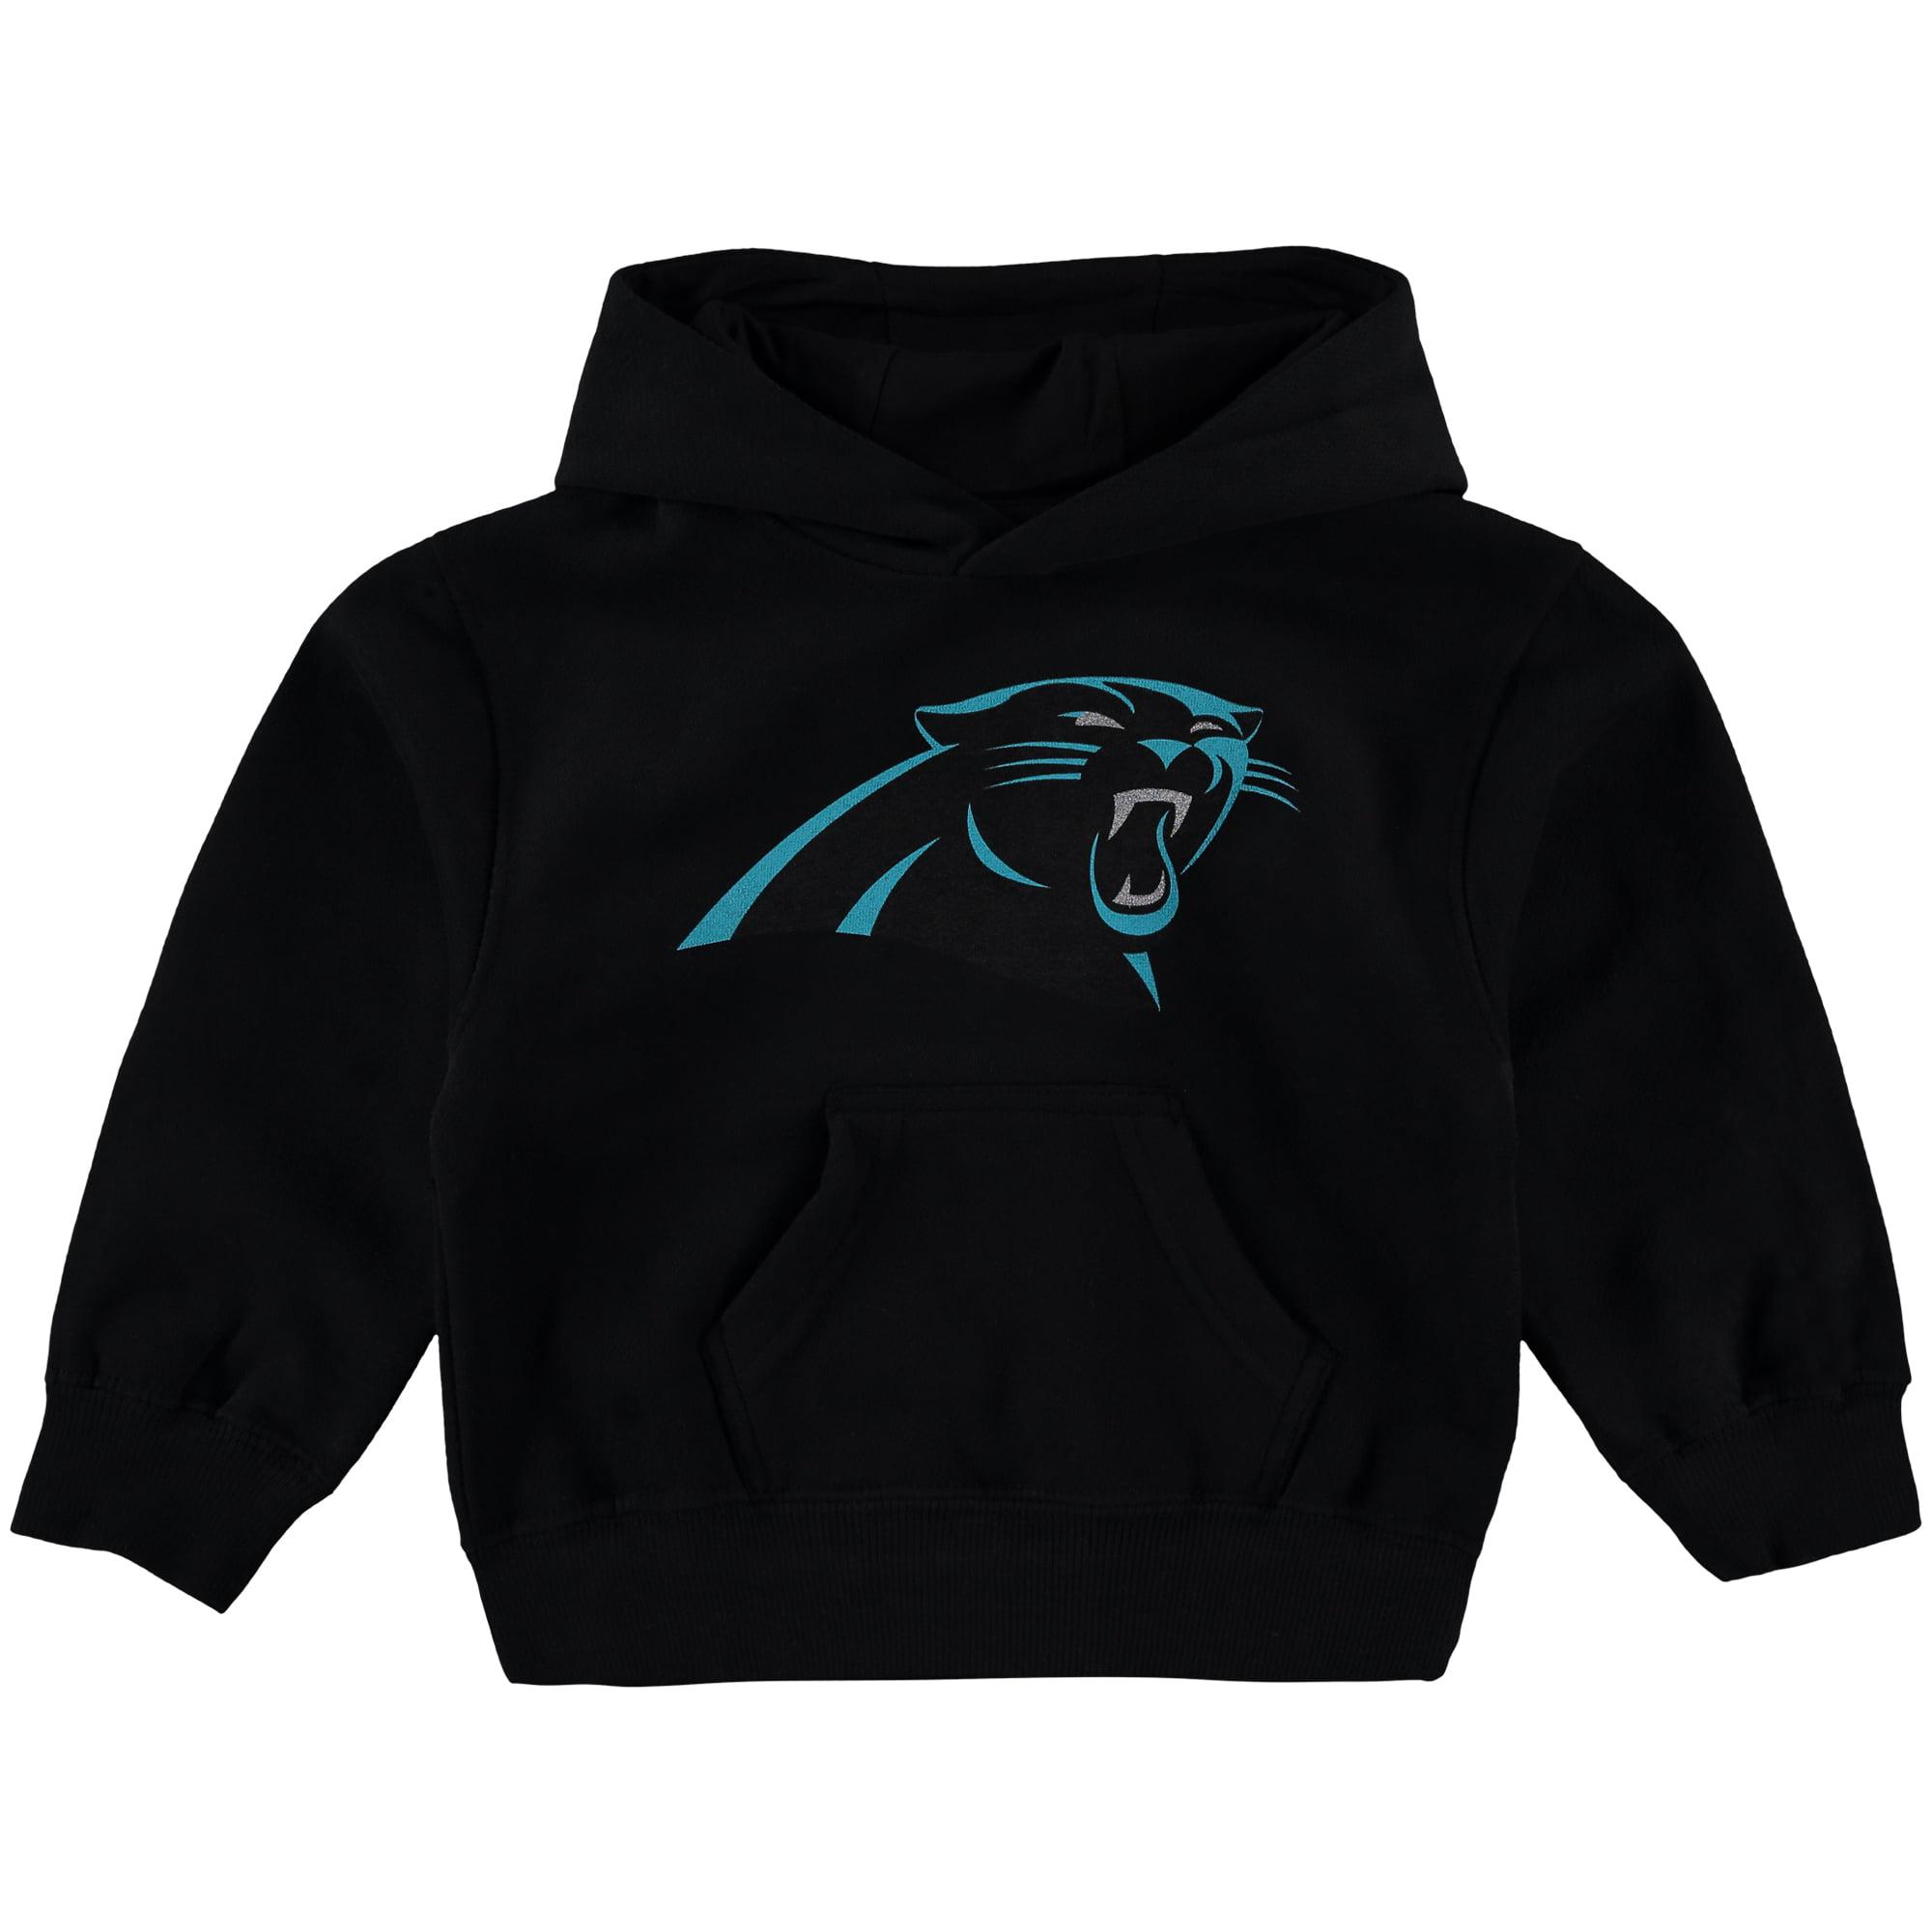 Carolina Panthers Toddler Team Logo Fleece Pullover Hoodie - Black